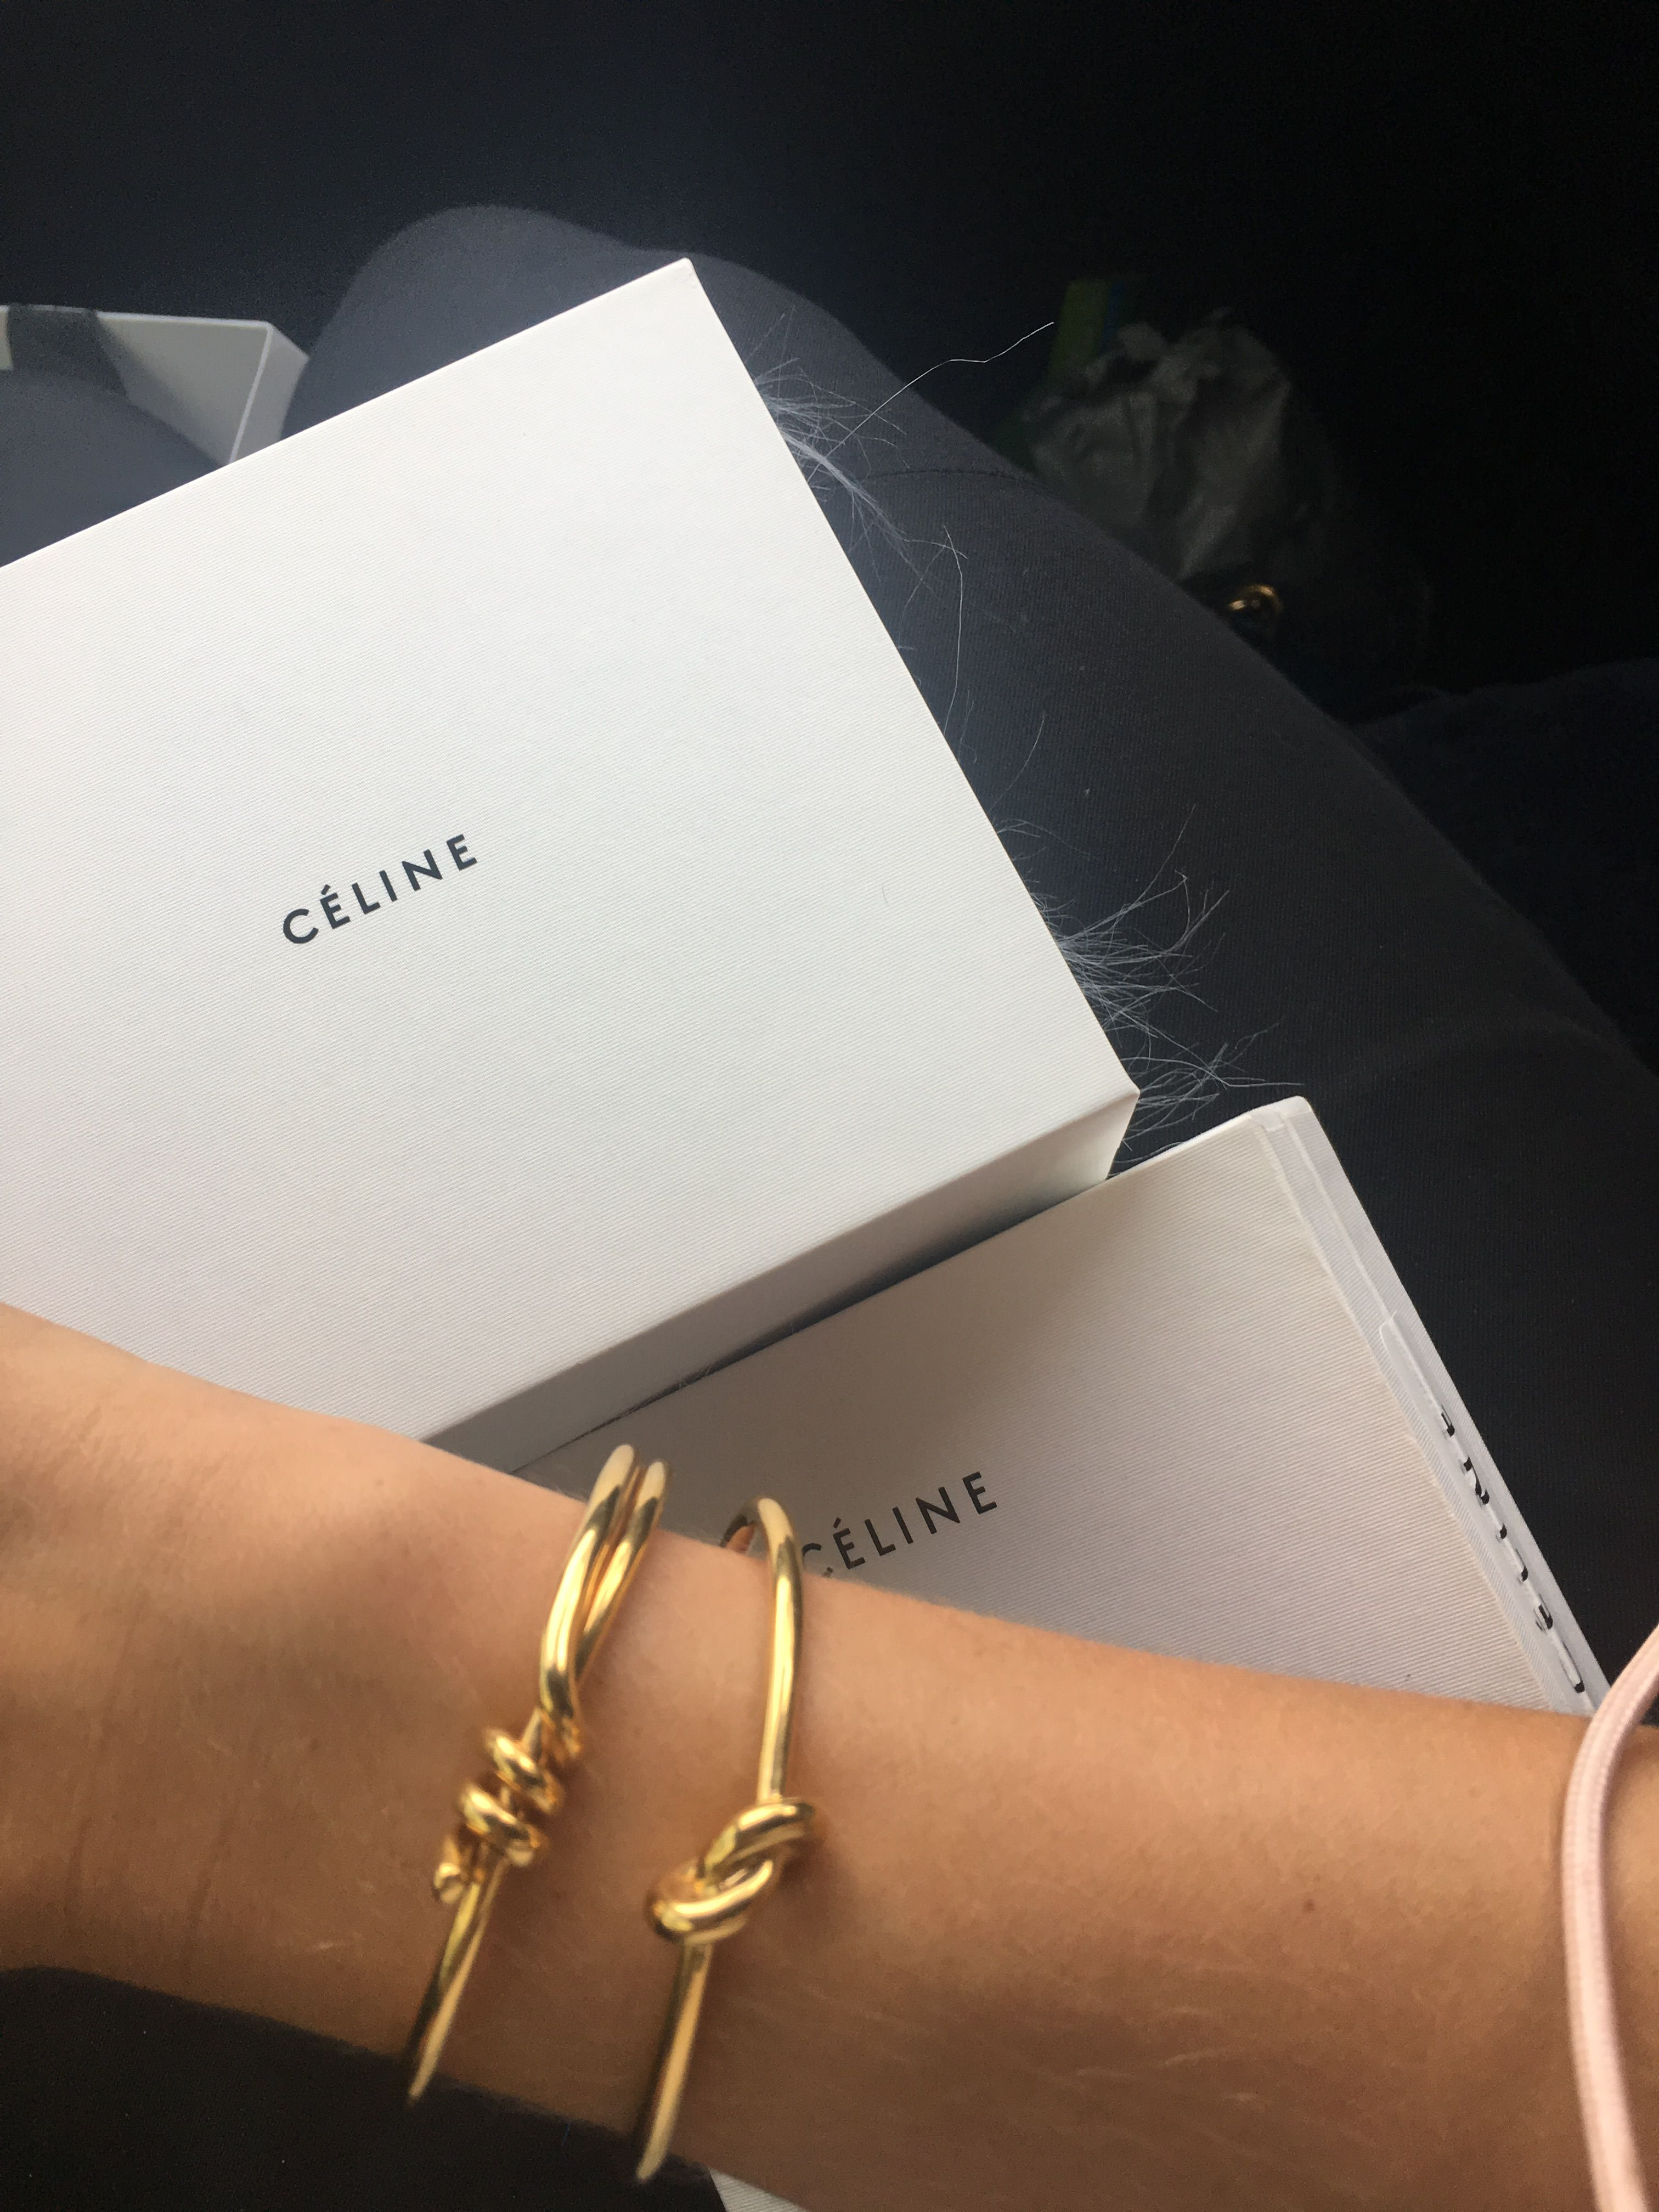 Celine Knot Bracelet With Images Gold Knot Bracelet Celine